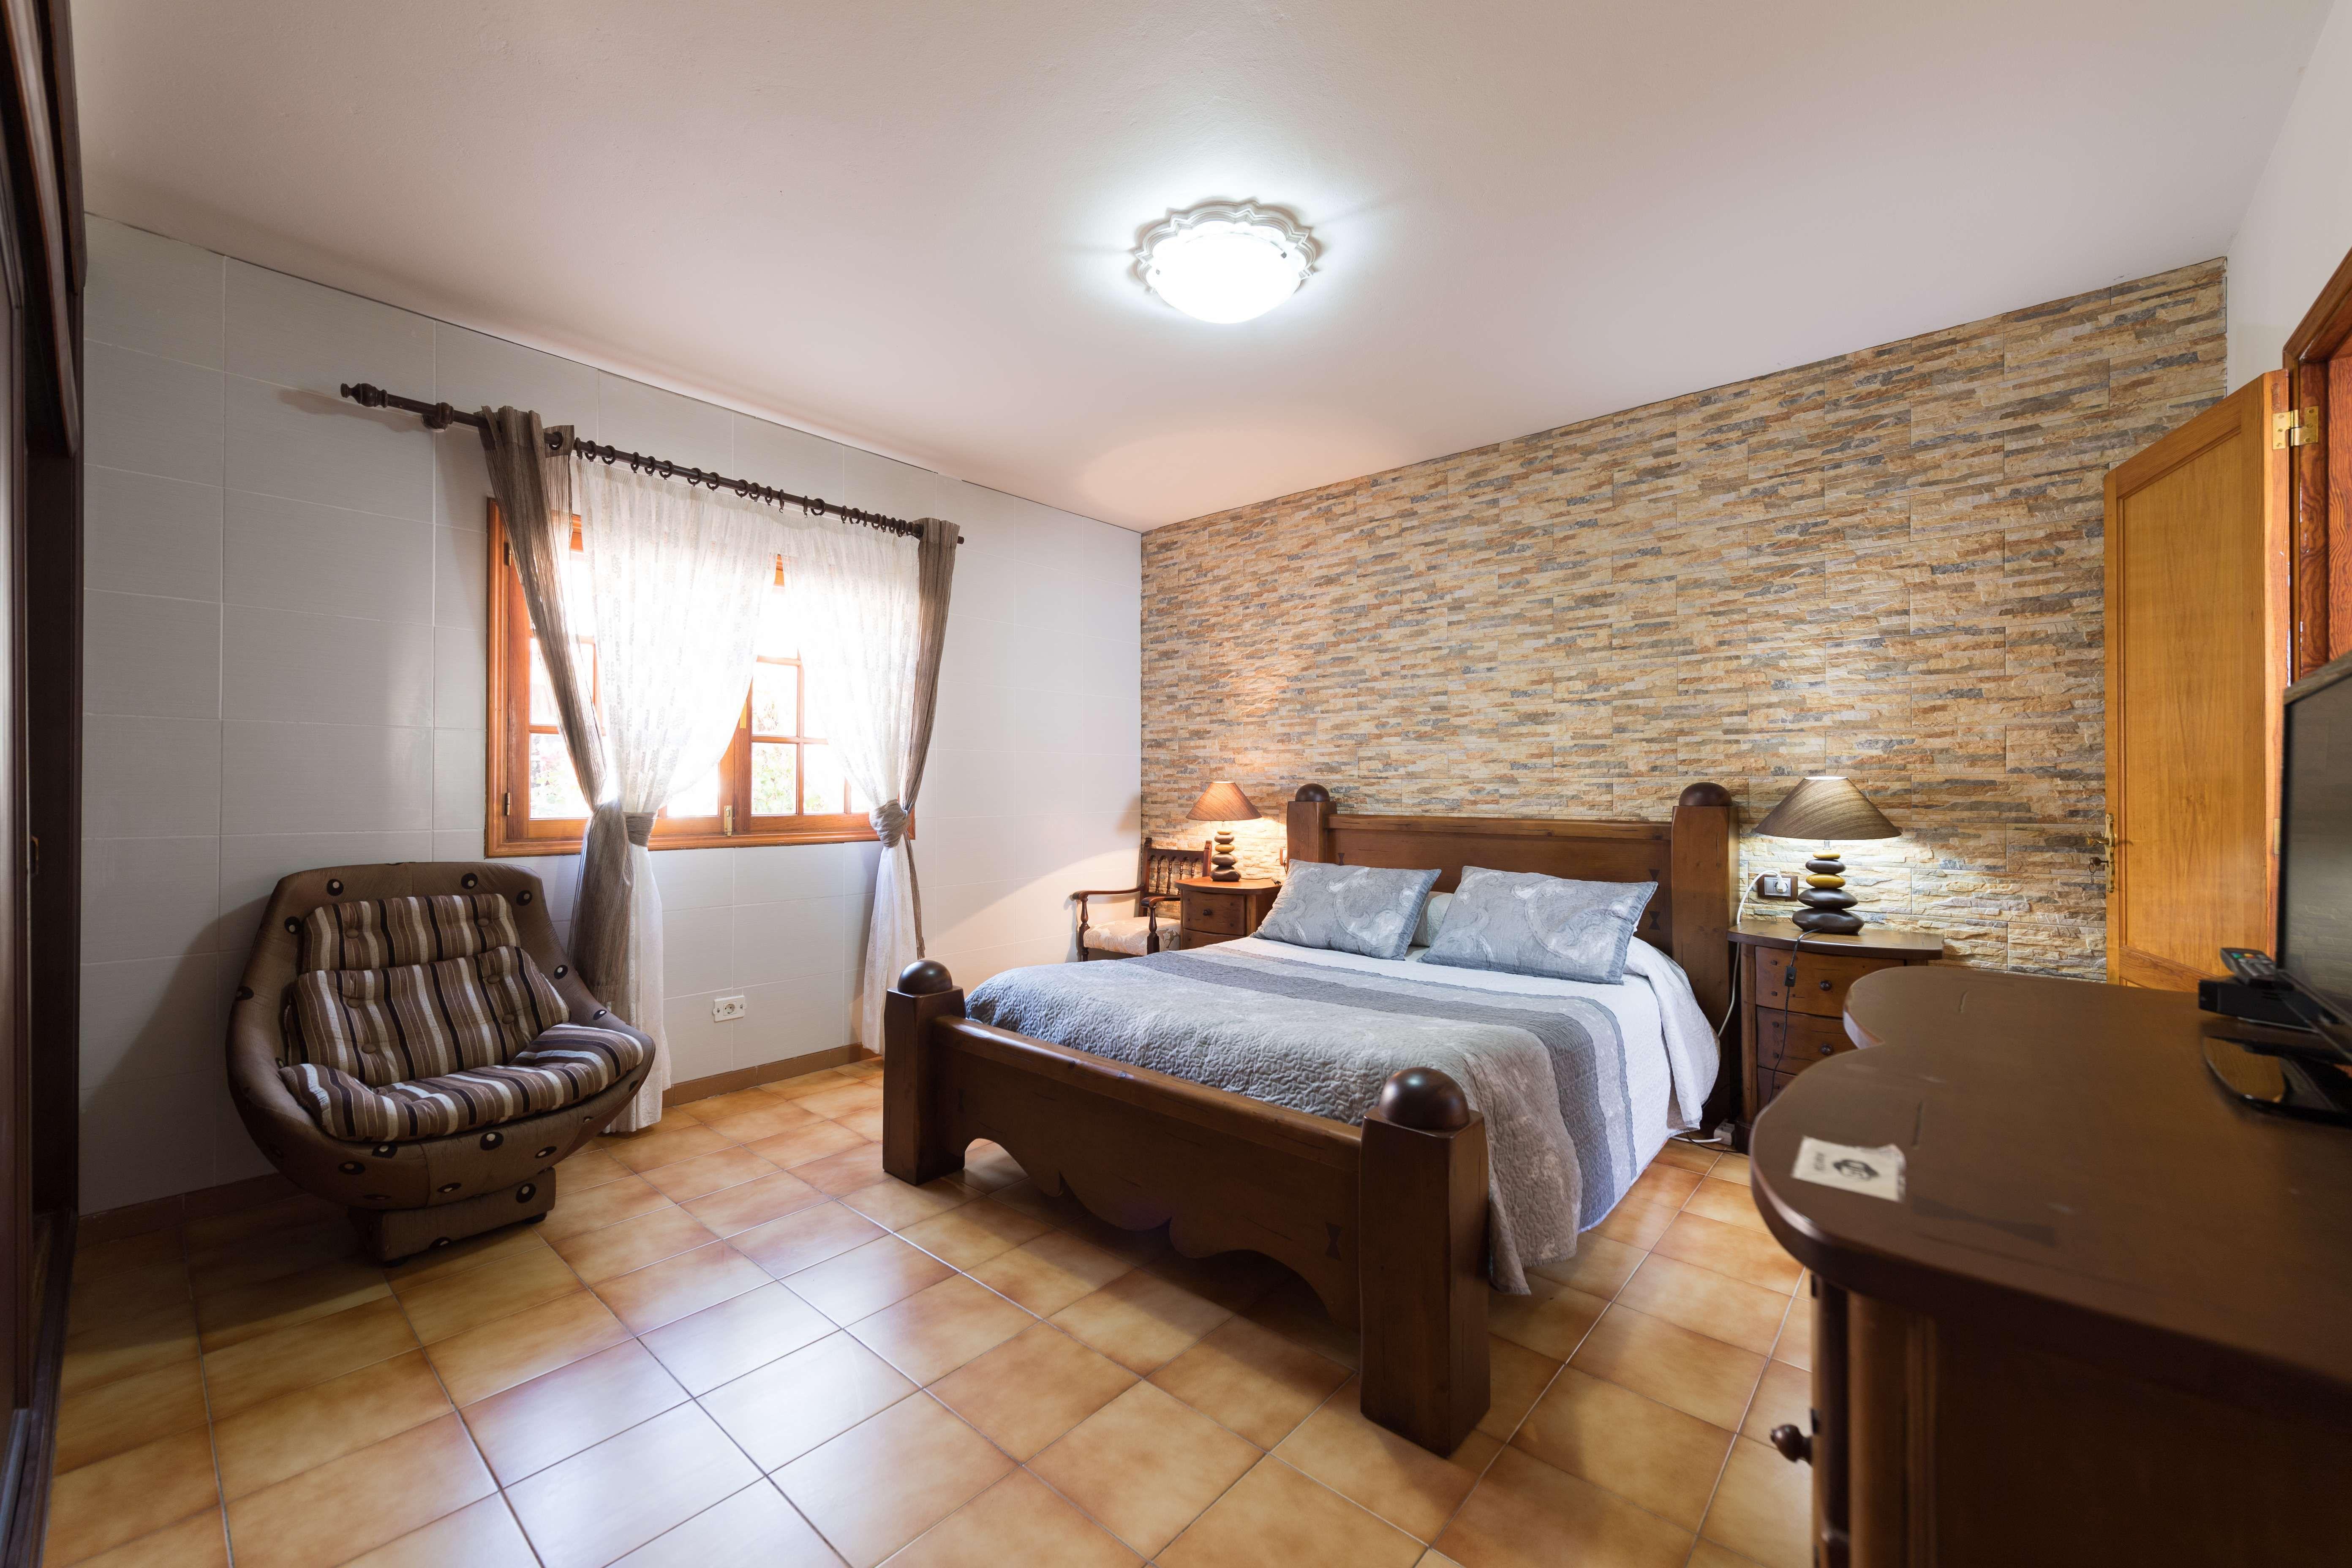 La casa cuenta con 3 dormitorios, con baño interior